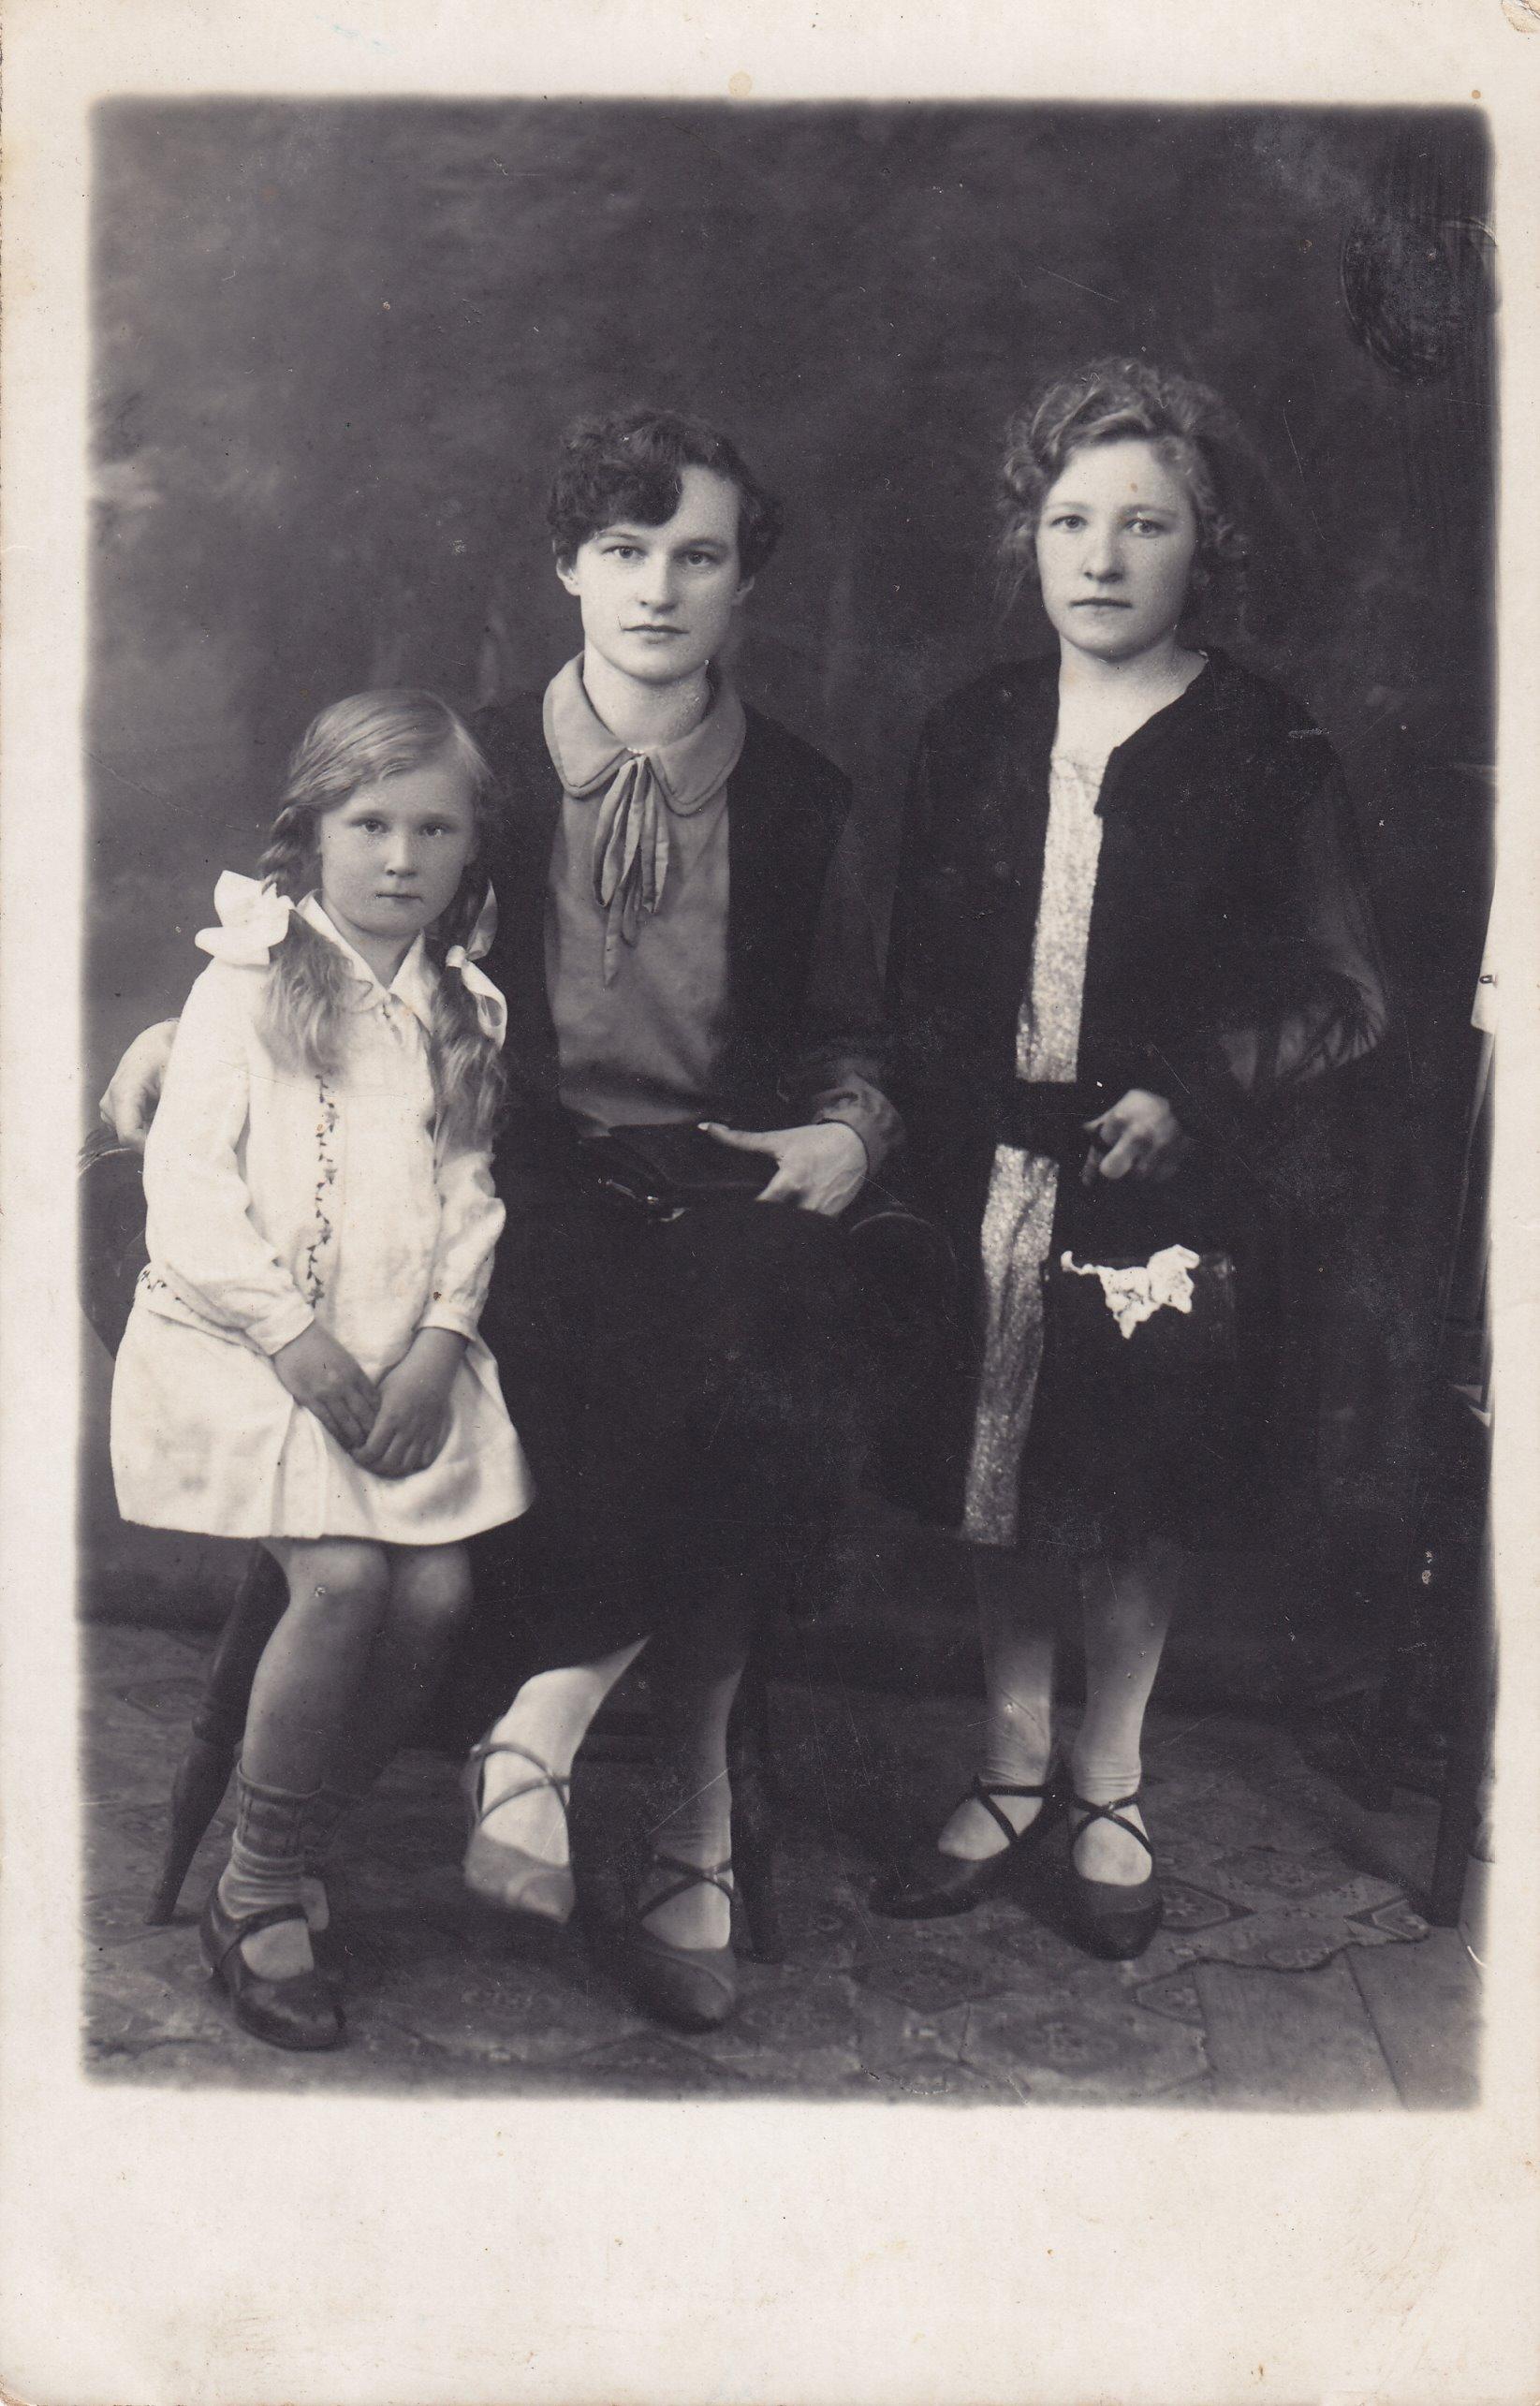 Profesoriaus, agronomo Petro Vasinausko sesuo Apolonija Vasinauskaitė (trečia iš kairės) su giminaitėmis